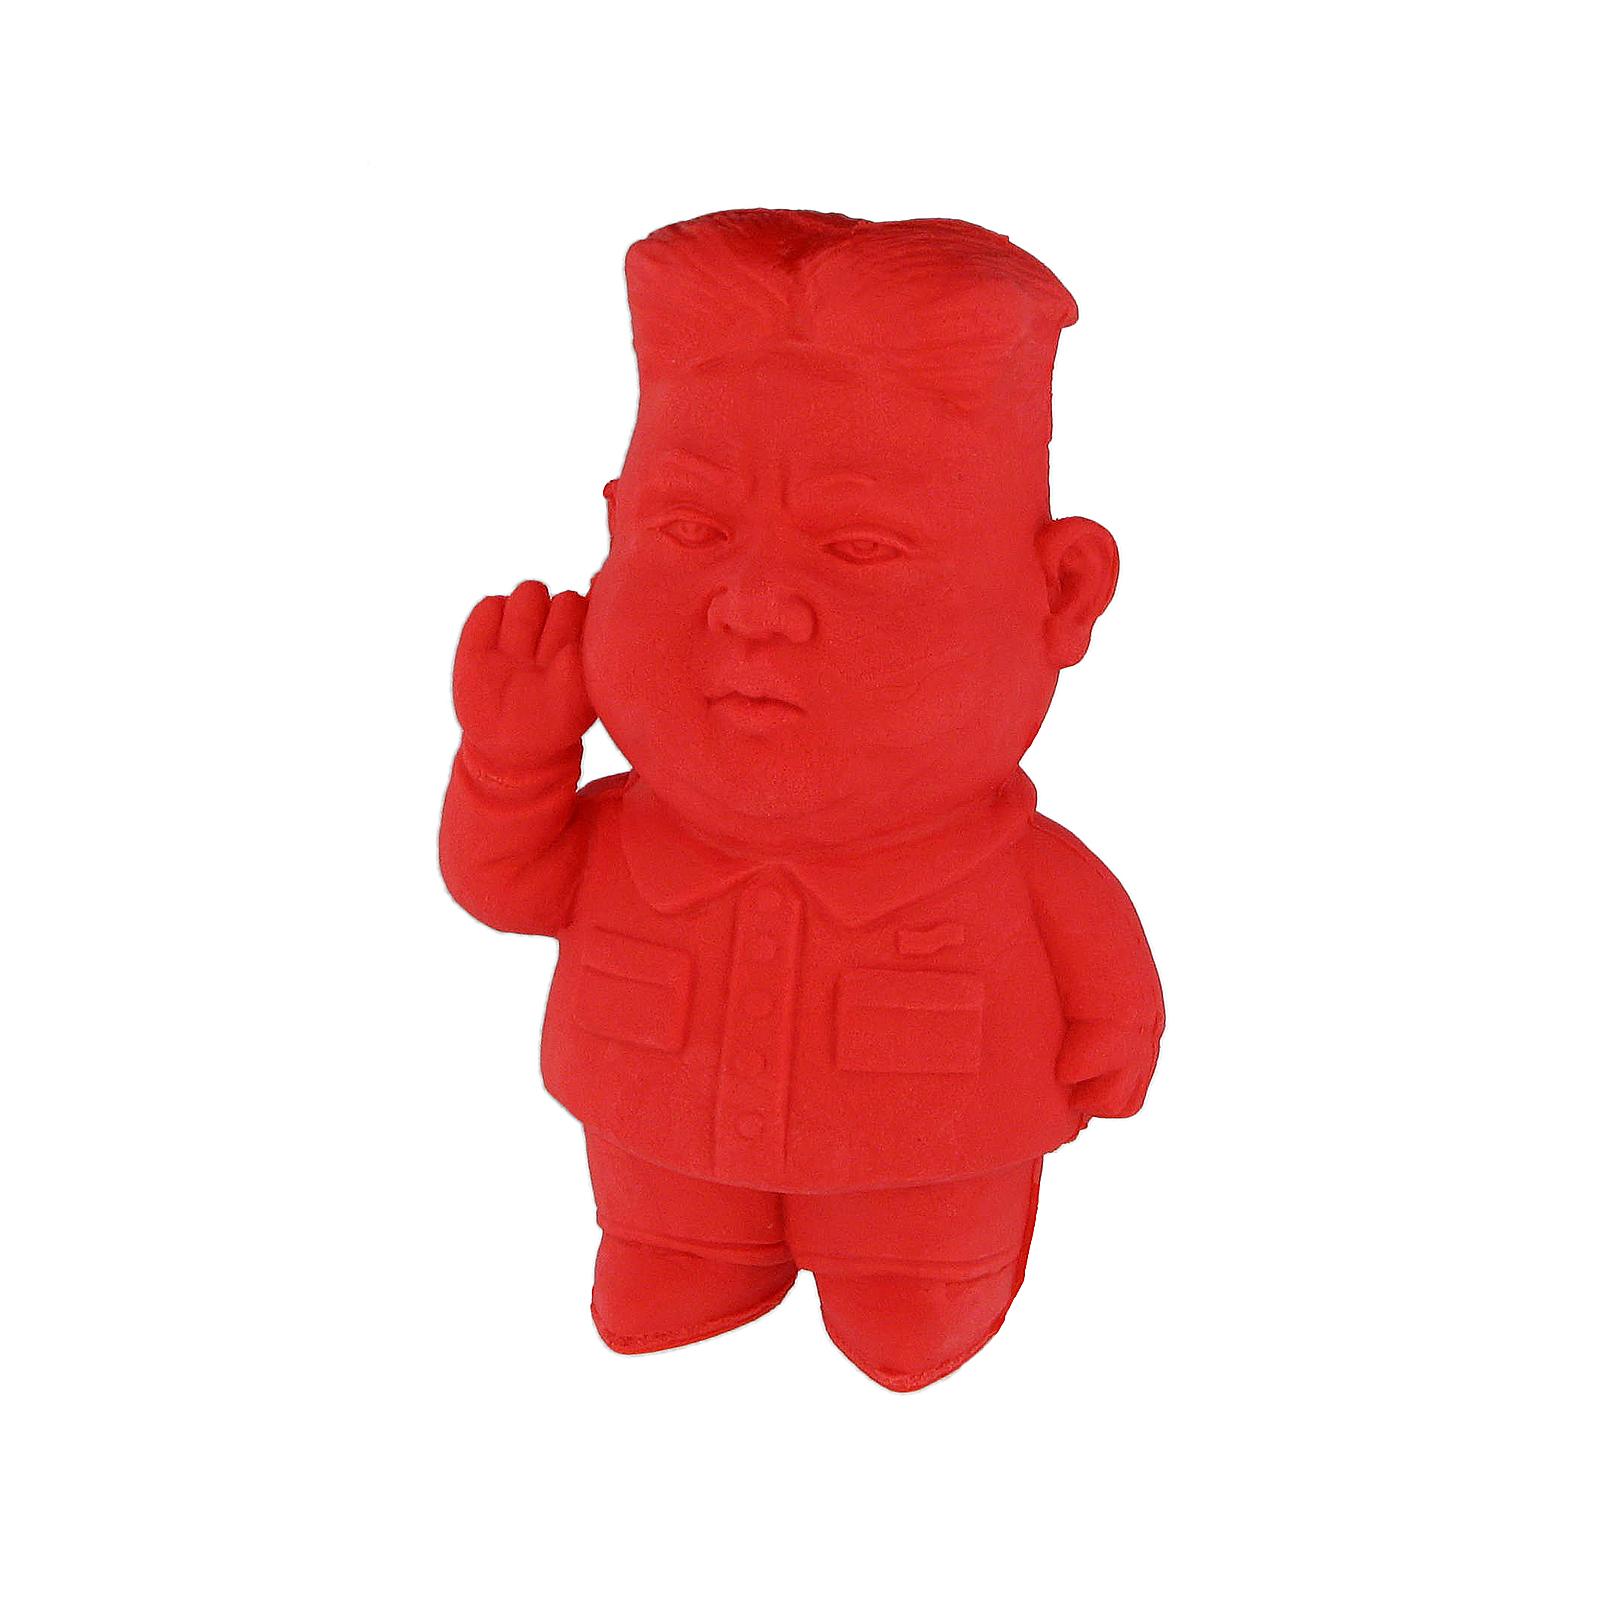 Kim Jong-un eraser